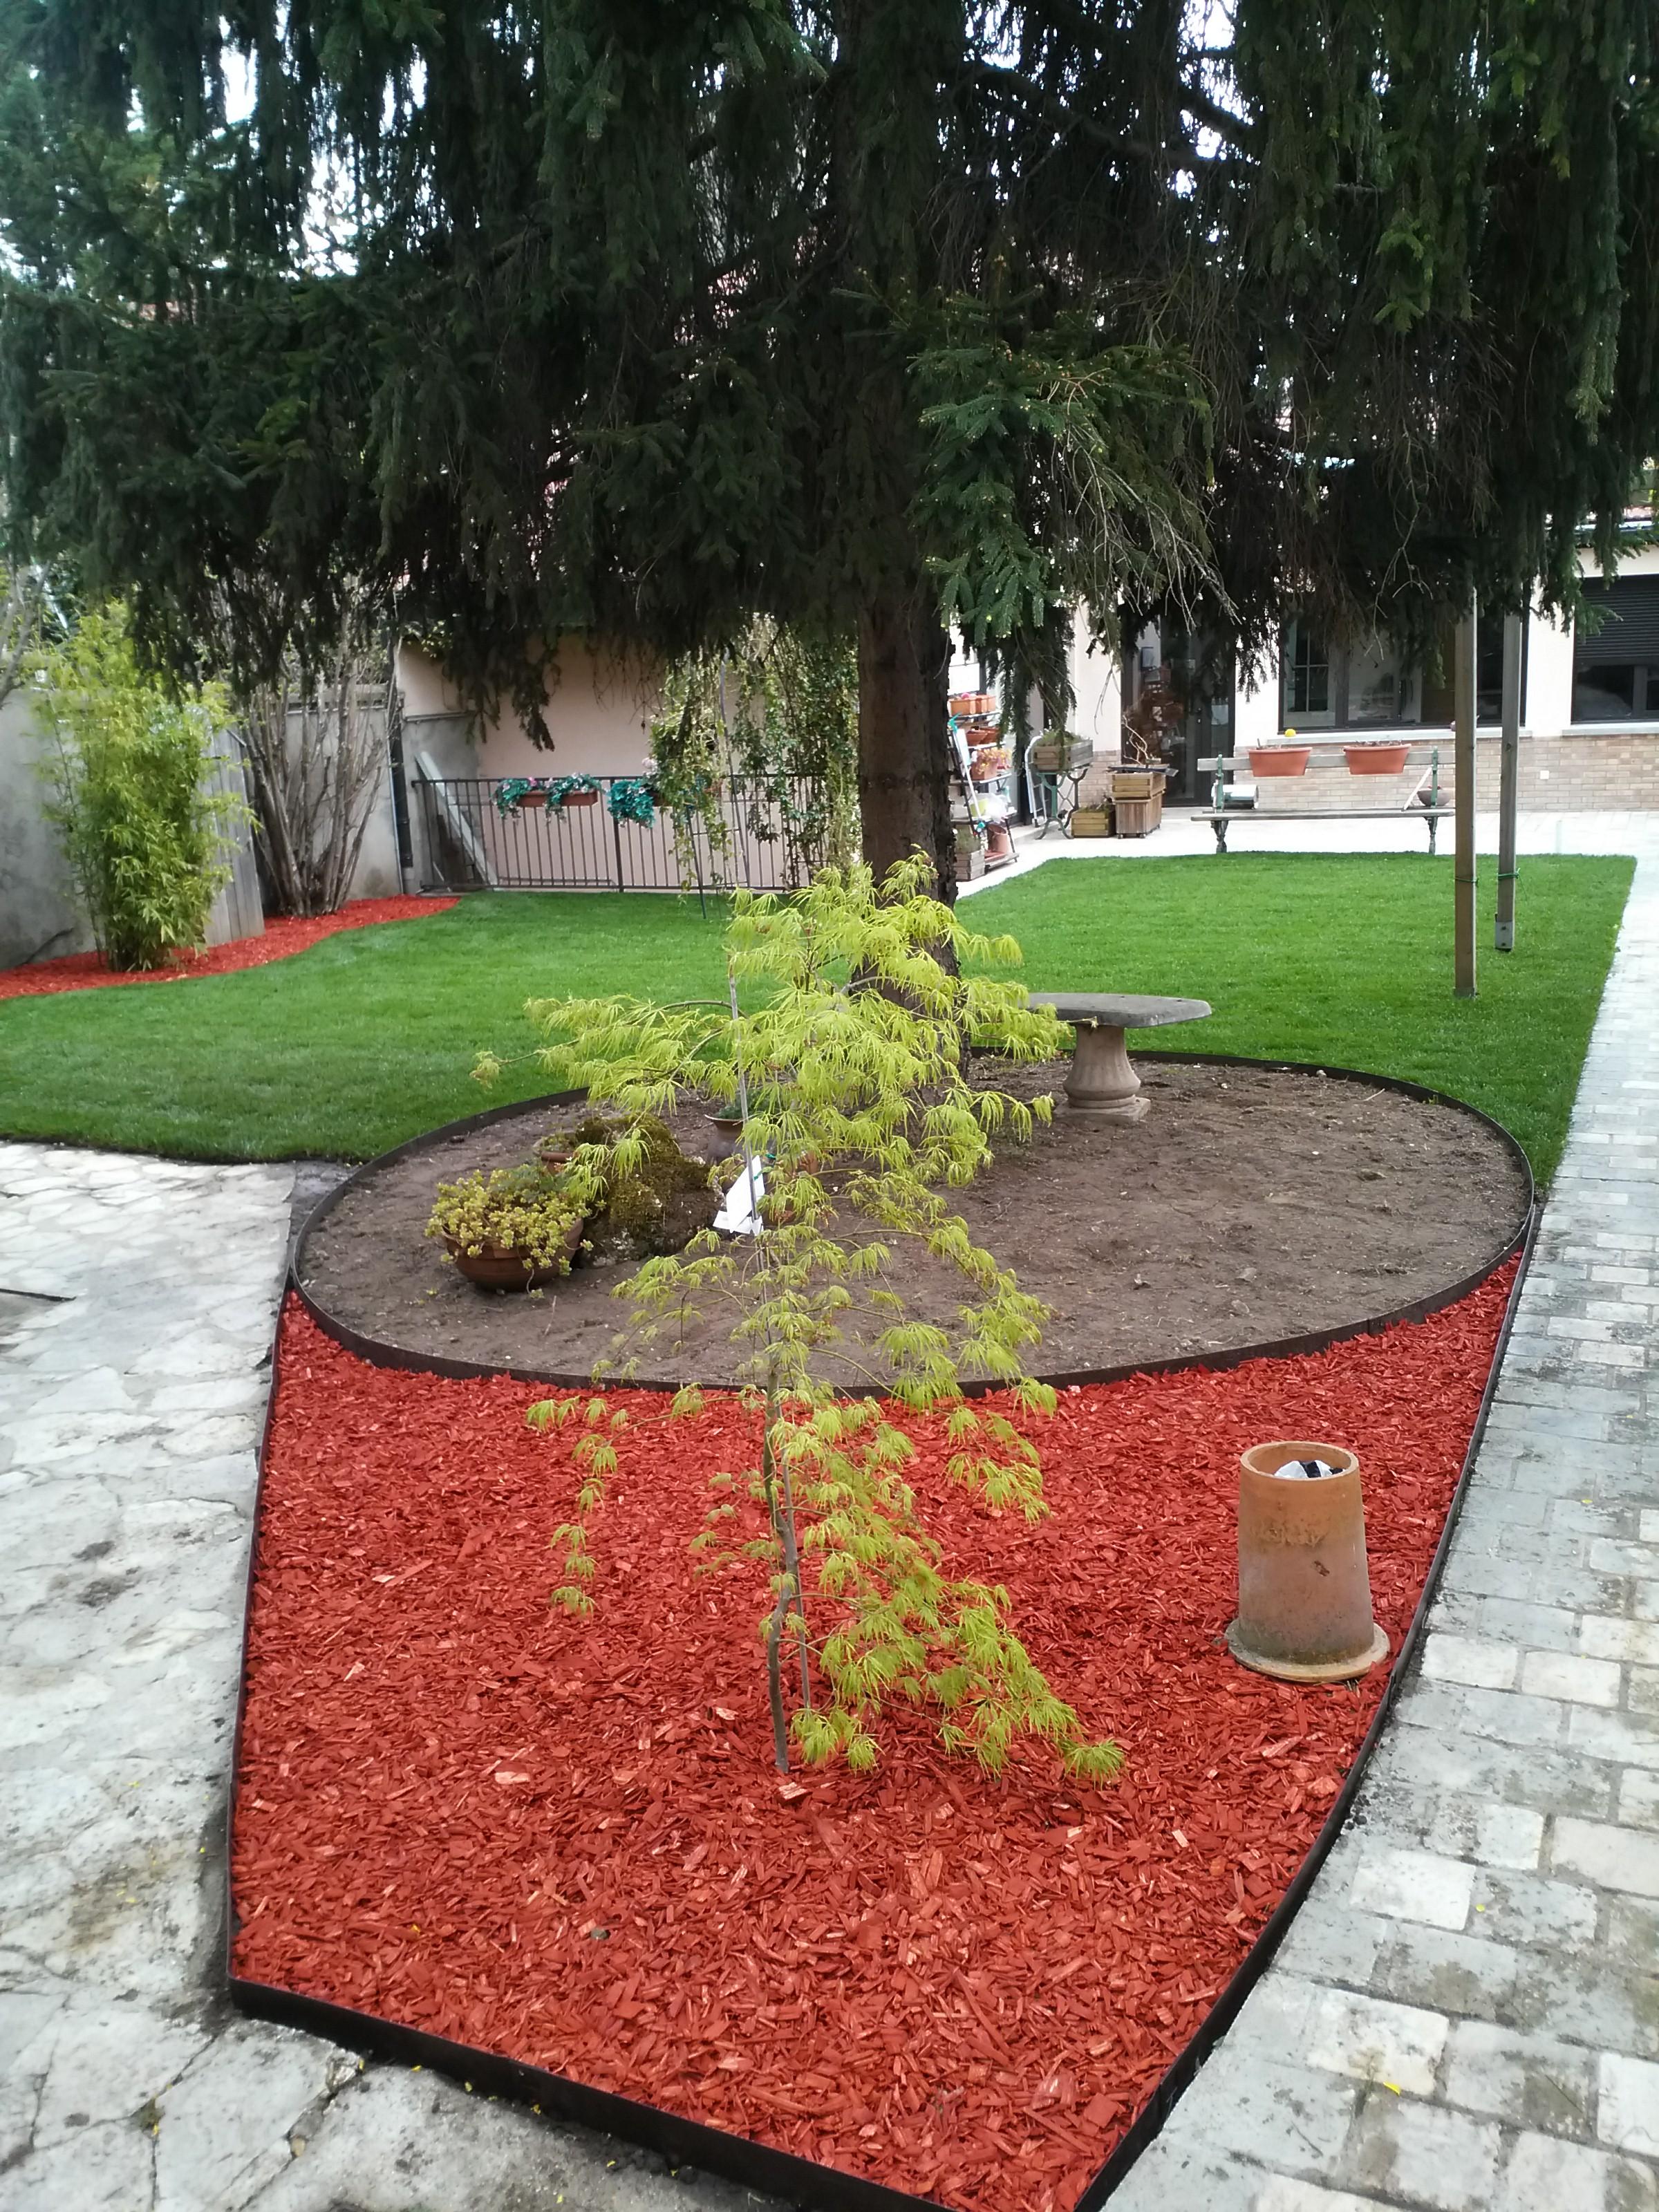 Bordure jardin deco fronton id es sur les parcs et leur for Decoration jardin bordure